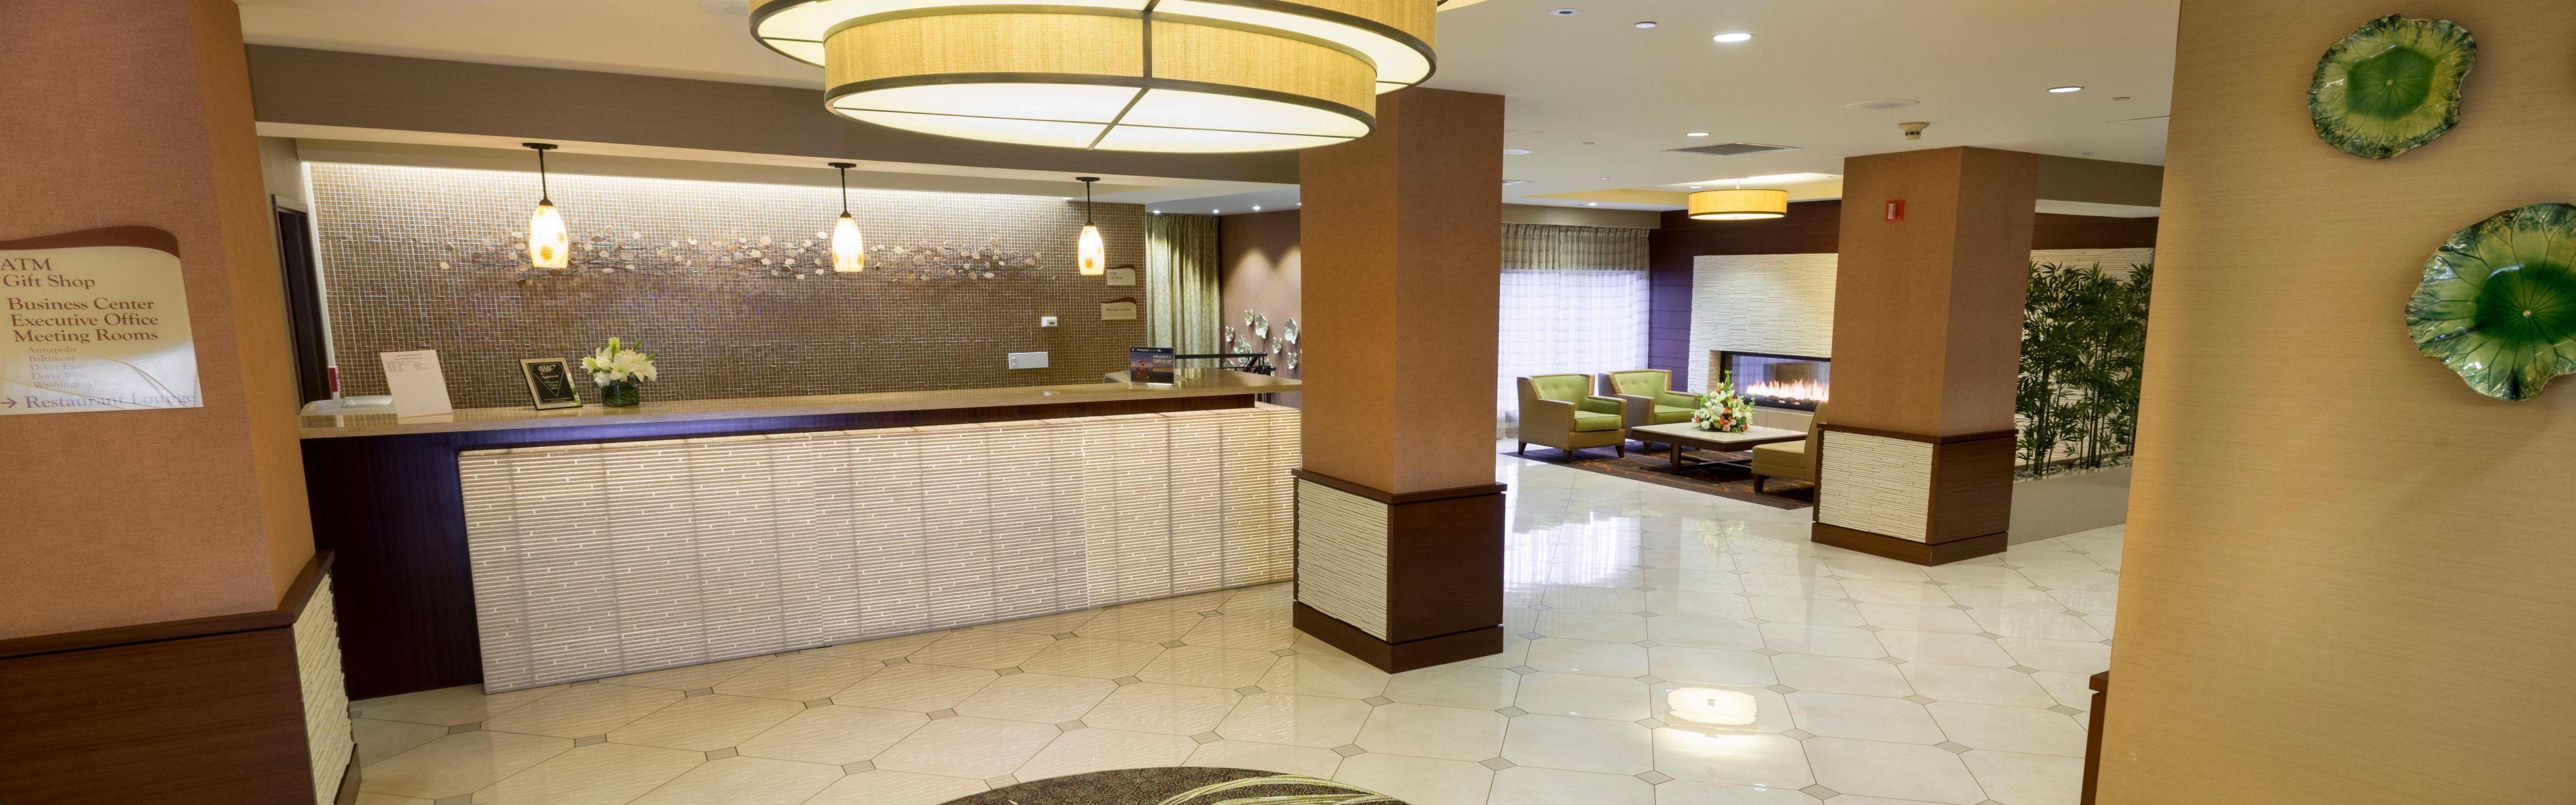 Glen Mills Hotels: Staybridge Suites Wilmington - Brandywine Valley ...